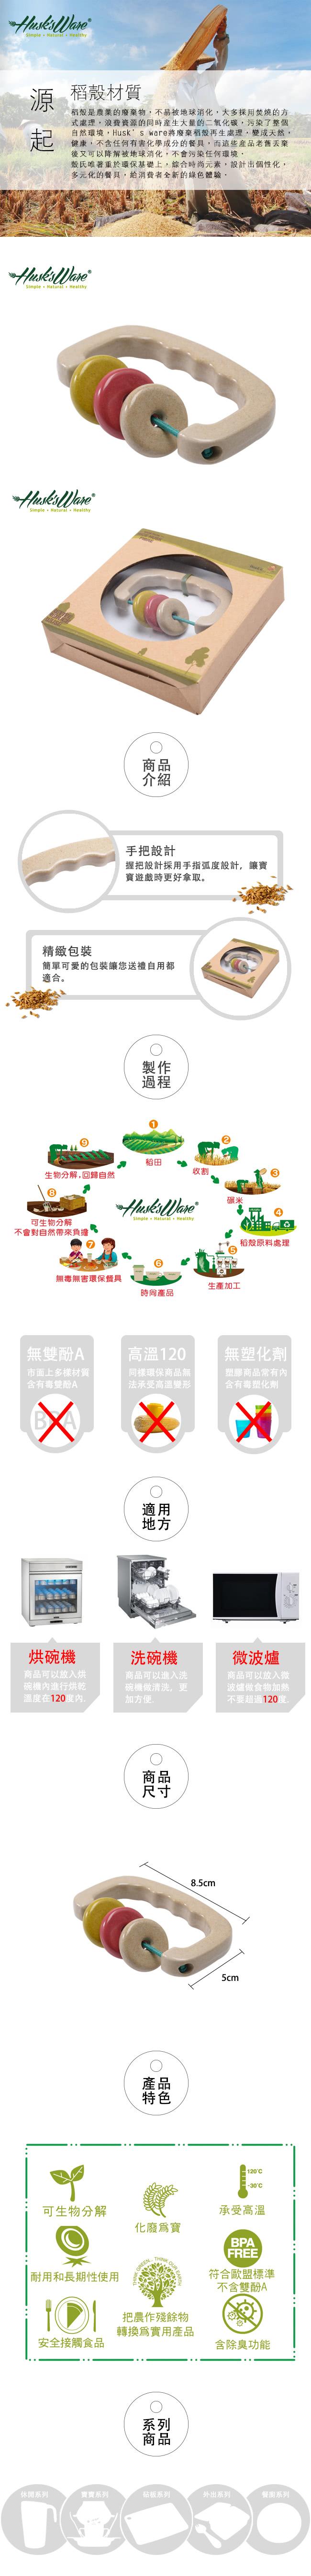 【美國Husk's ware】稻殼天然無毒環保兒童手搖鈴(方形)